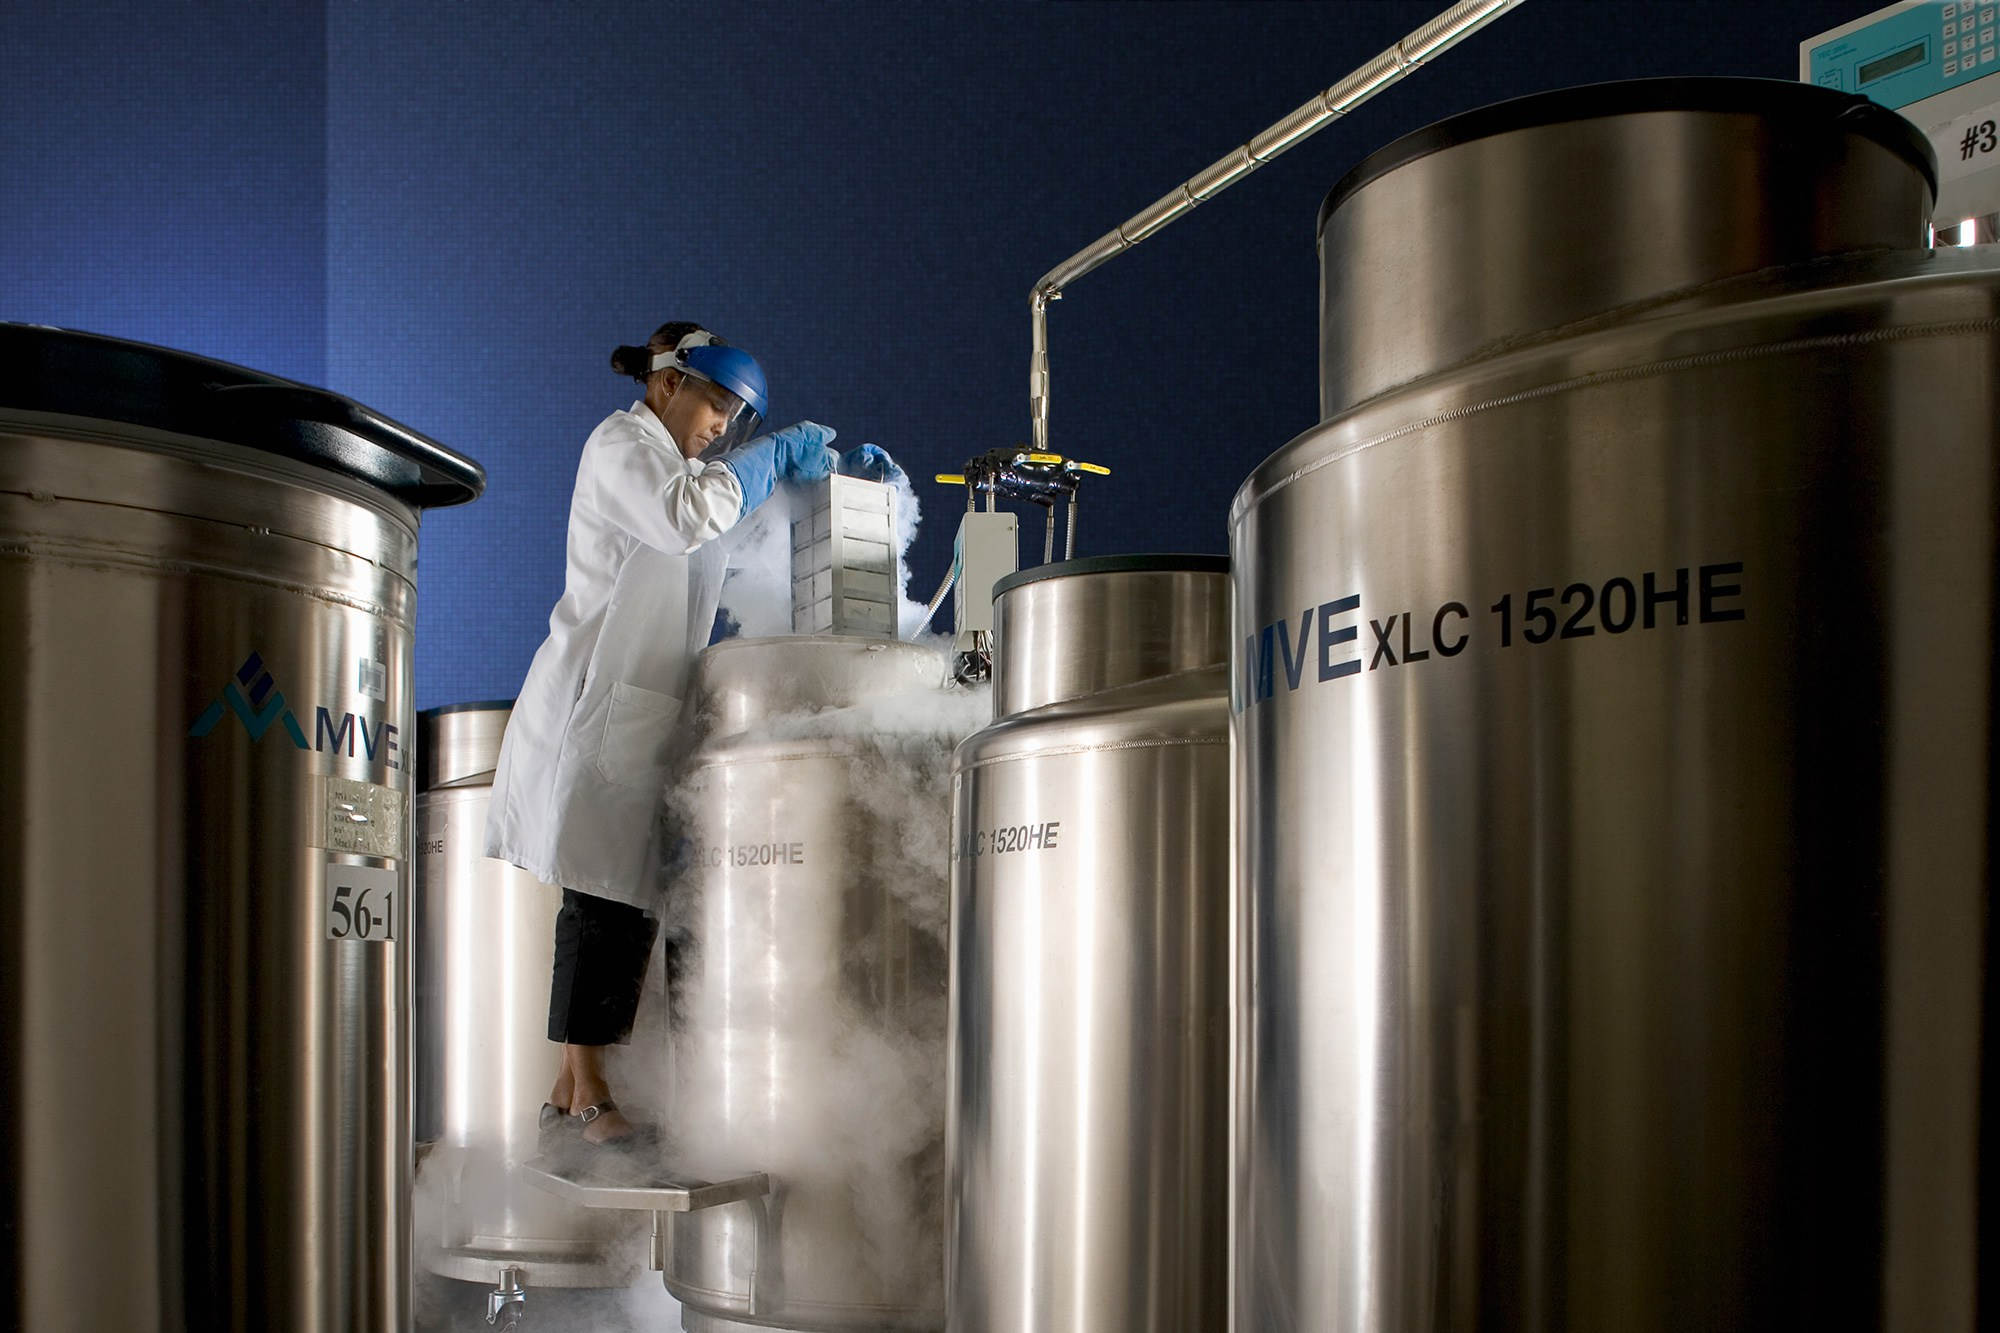 Контейнеры для криоконсервации позволяют сохранять как отдельные клетки иорганы, так итело целиком.